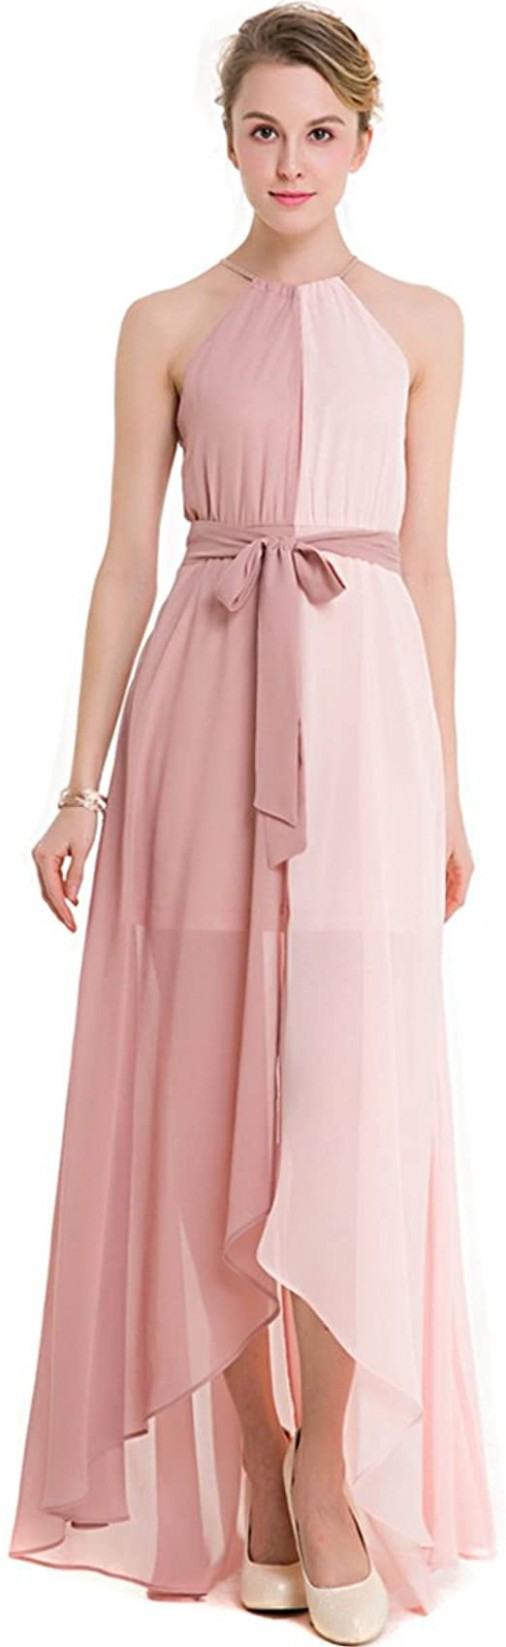 Kaxidy Damen Rosa Abendkleider Kleider Hochzeit Elegant